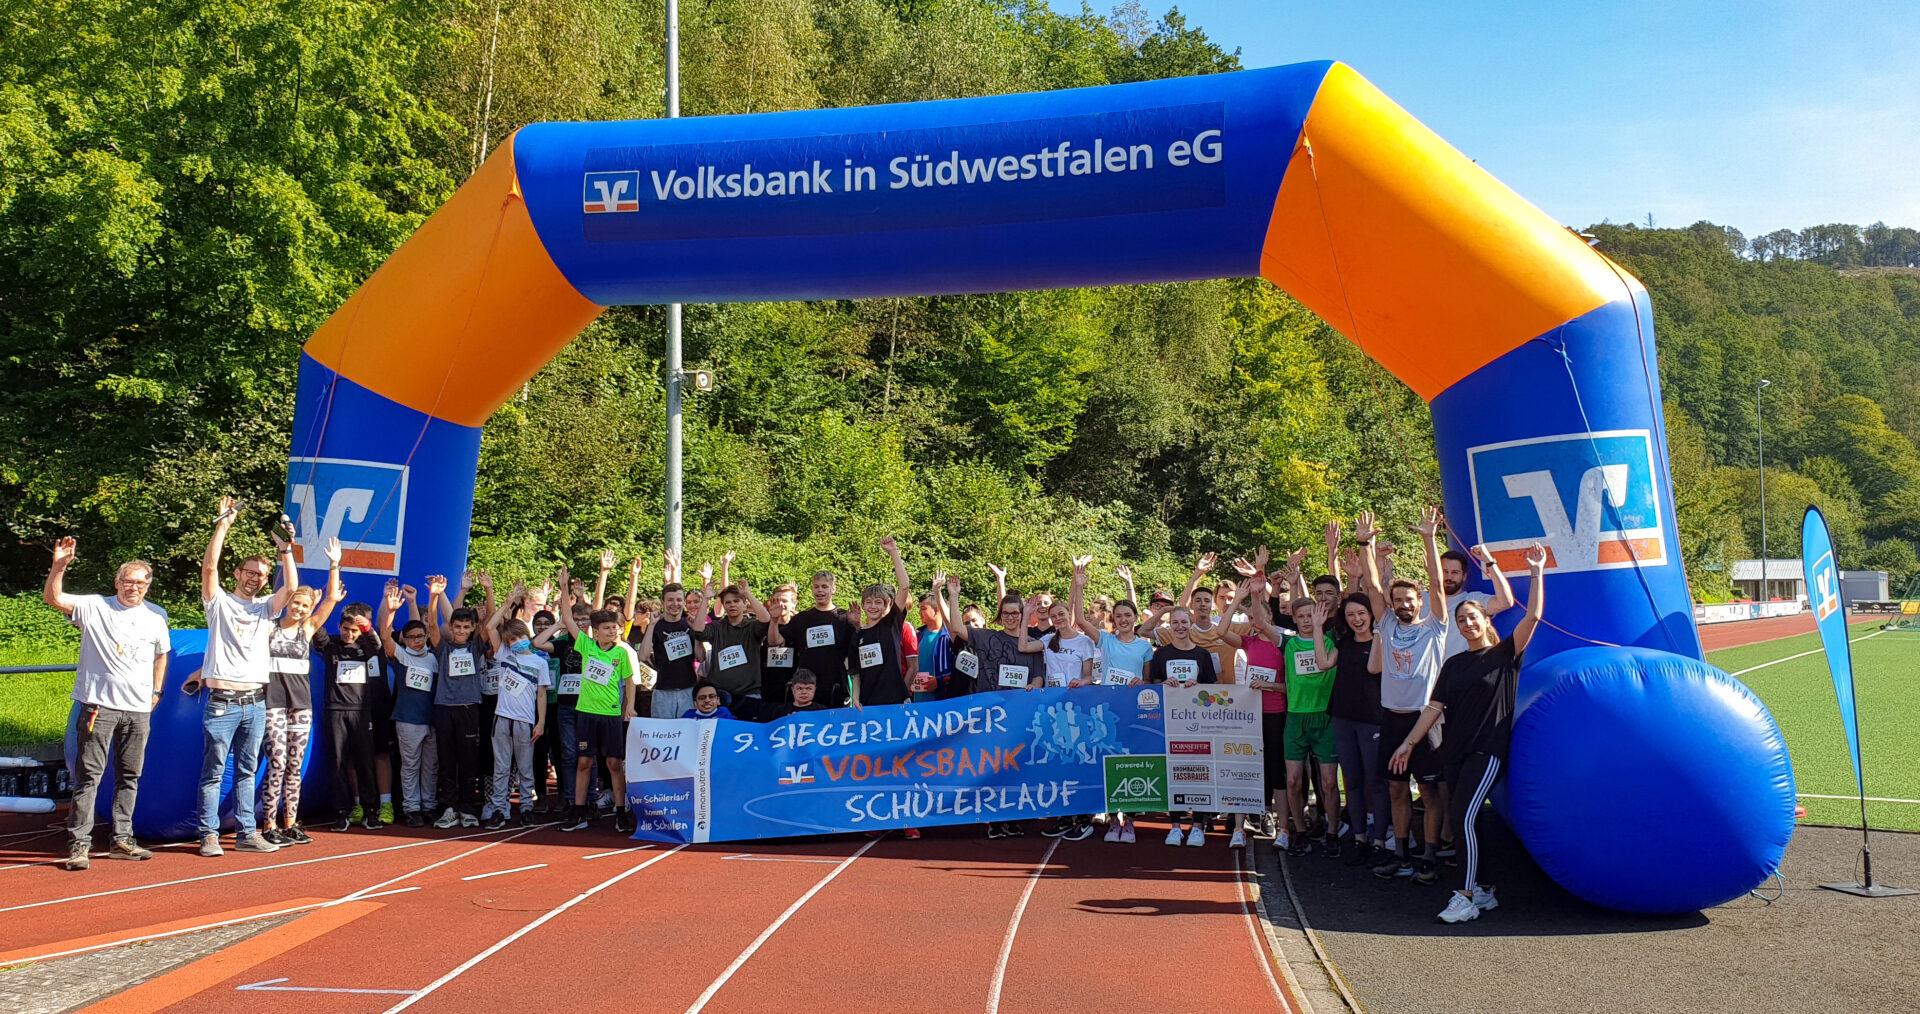 Volksbank-Schülerlauf bis zum 8. Oktober